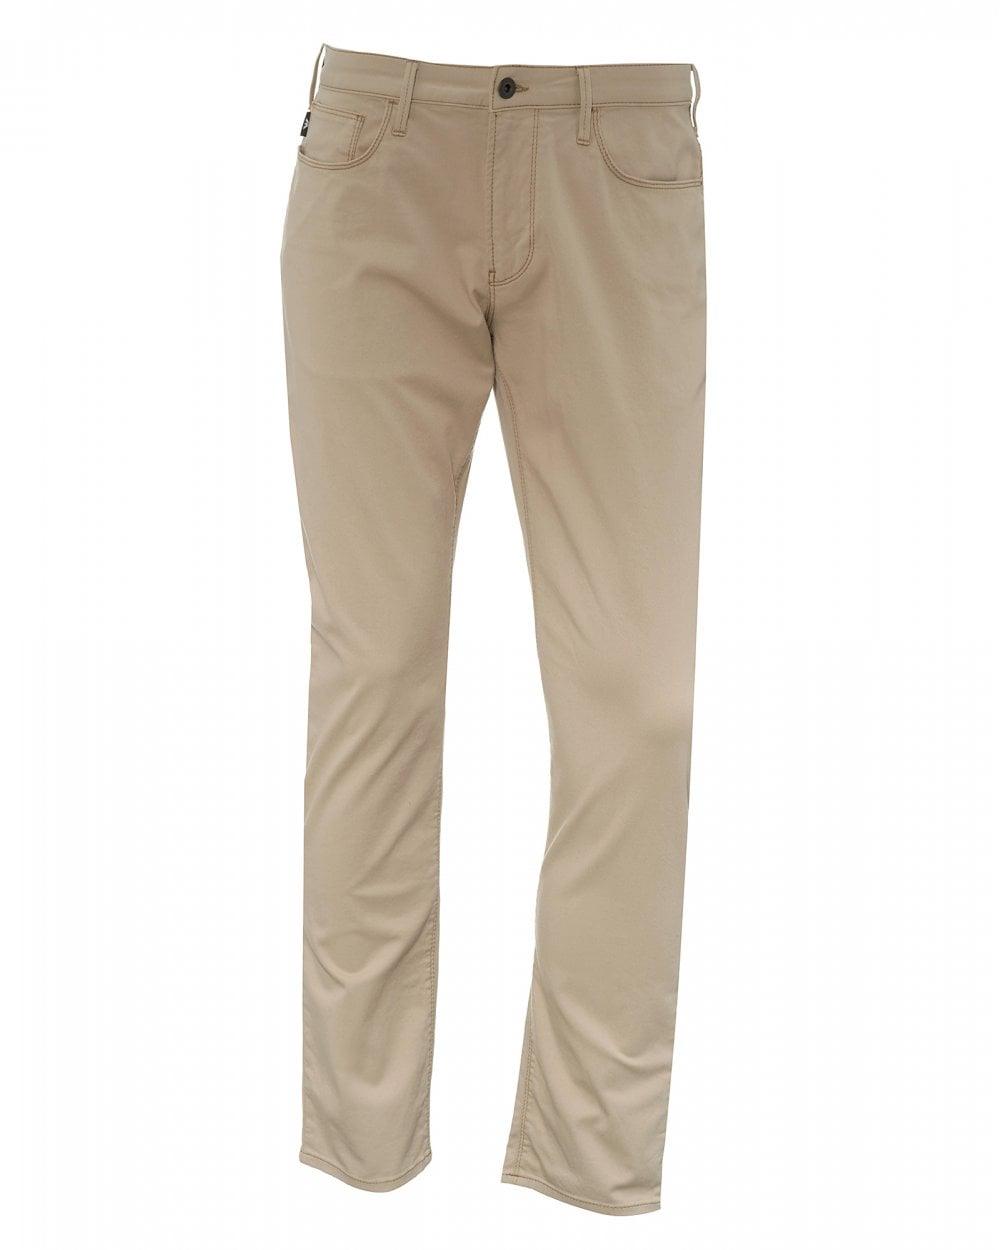 3376a2f86f6 Emporio Armani Mens J06 Beige Slim Fit Jeans, Tapered Denim